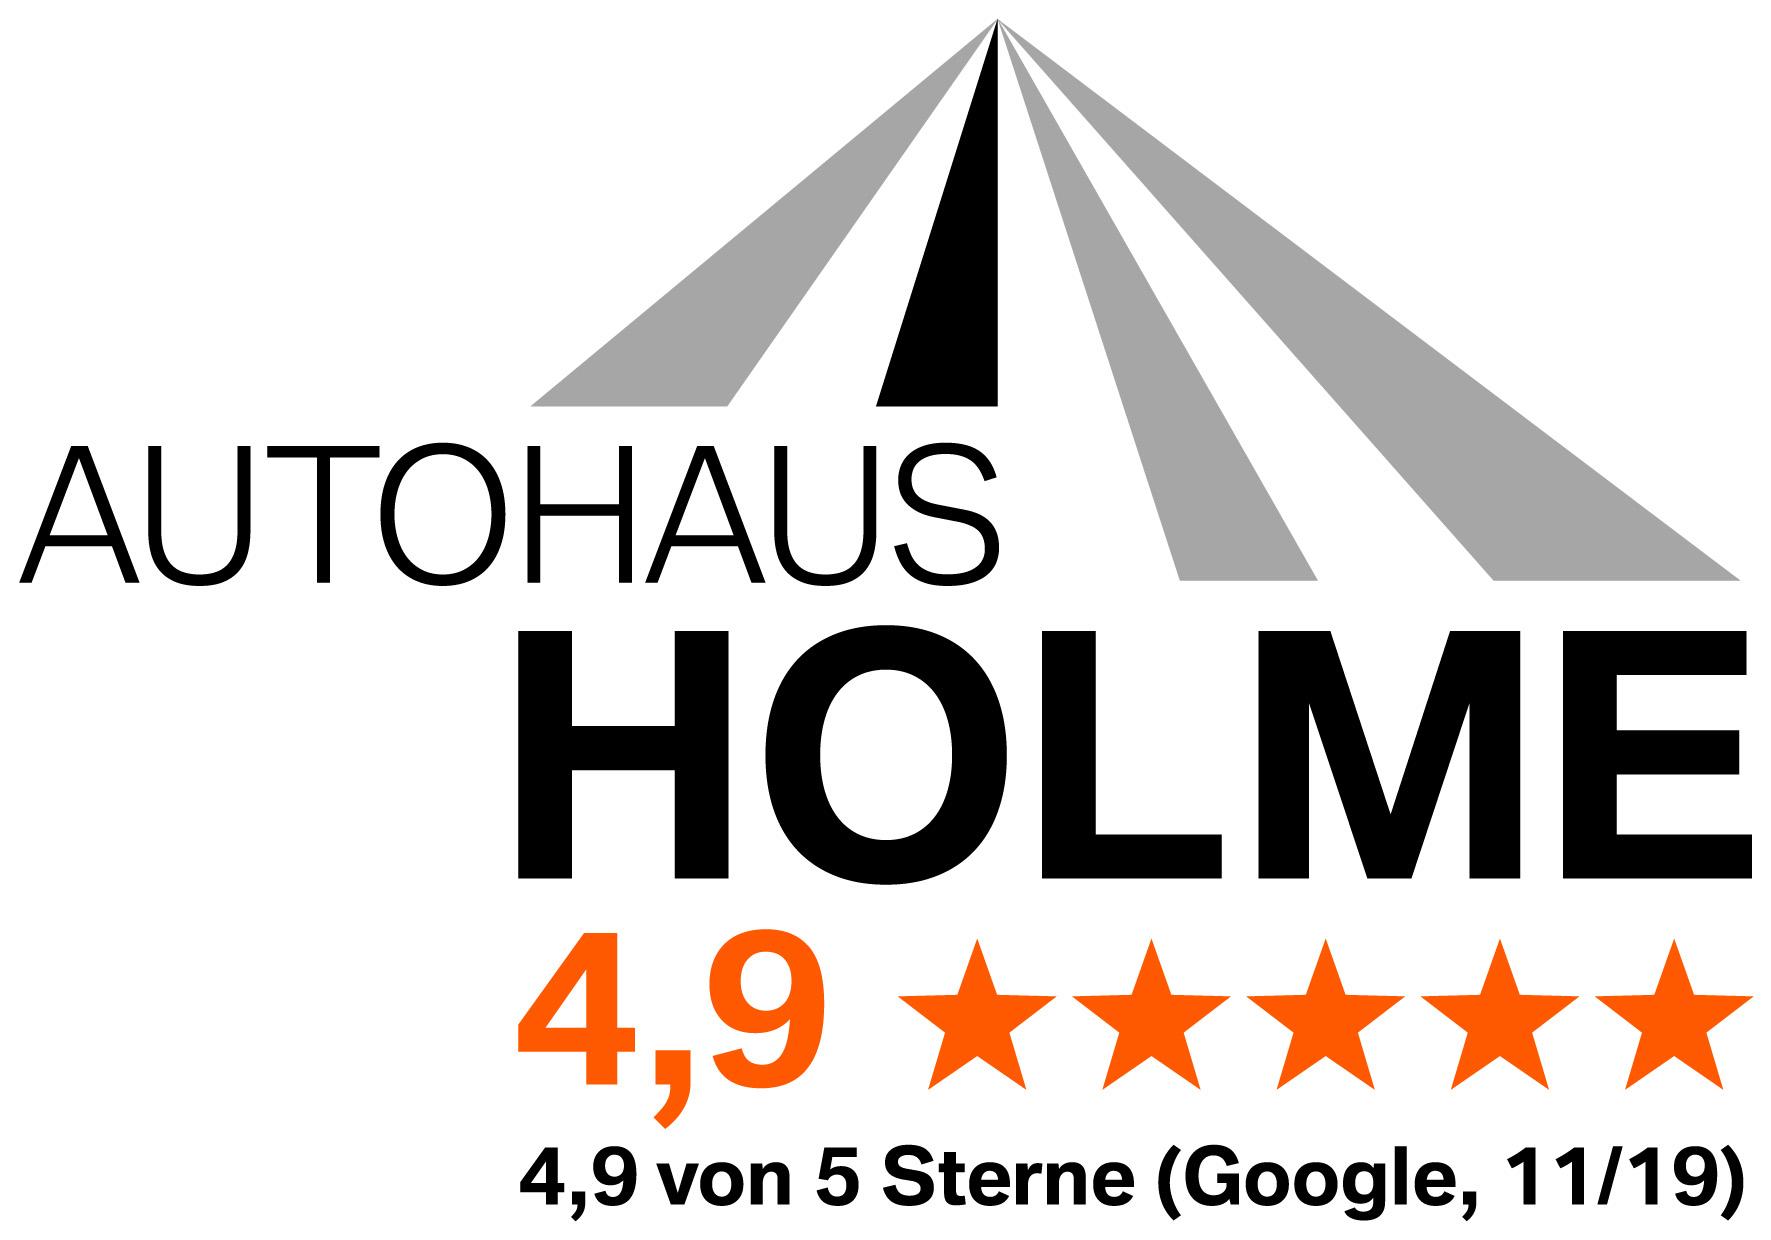 LogoHolme5Stars.indd